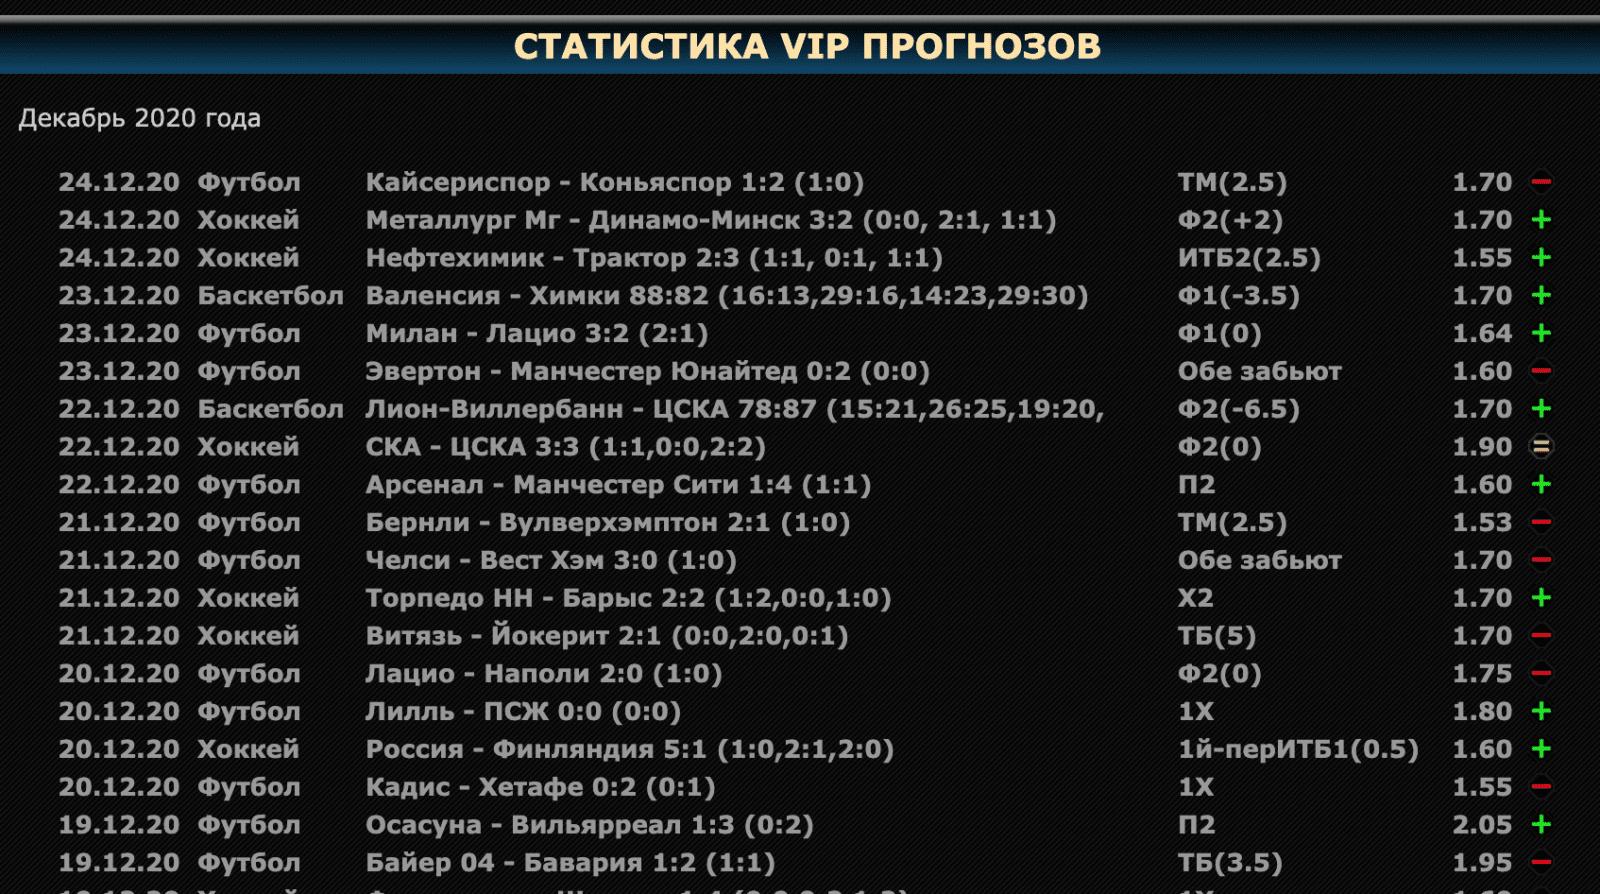 Статистика на сайте Bet Time.ru (Бет Тайм)